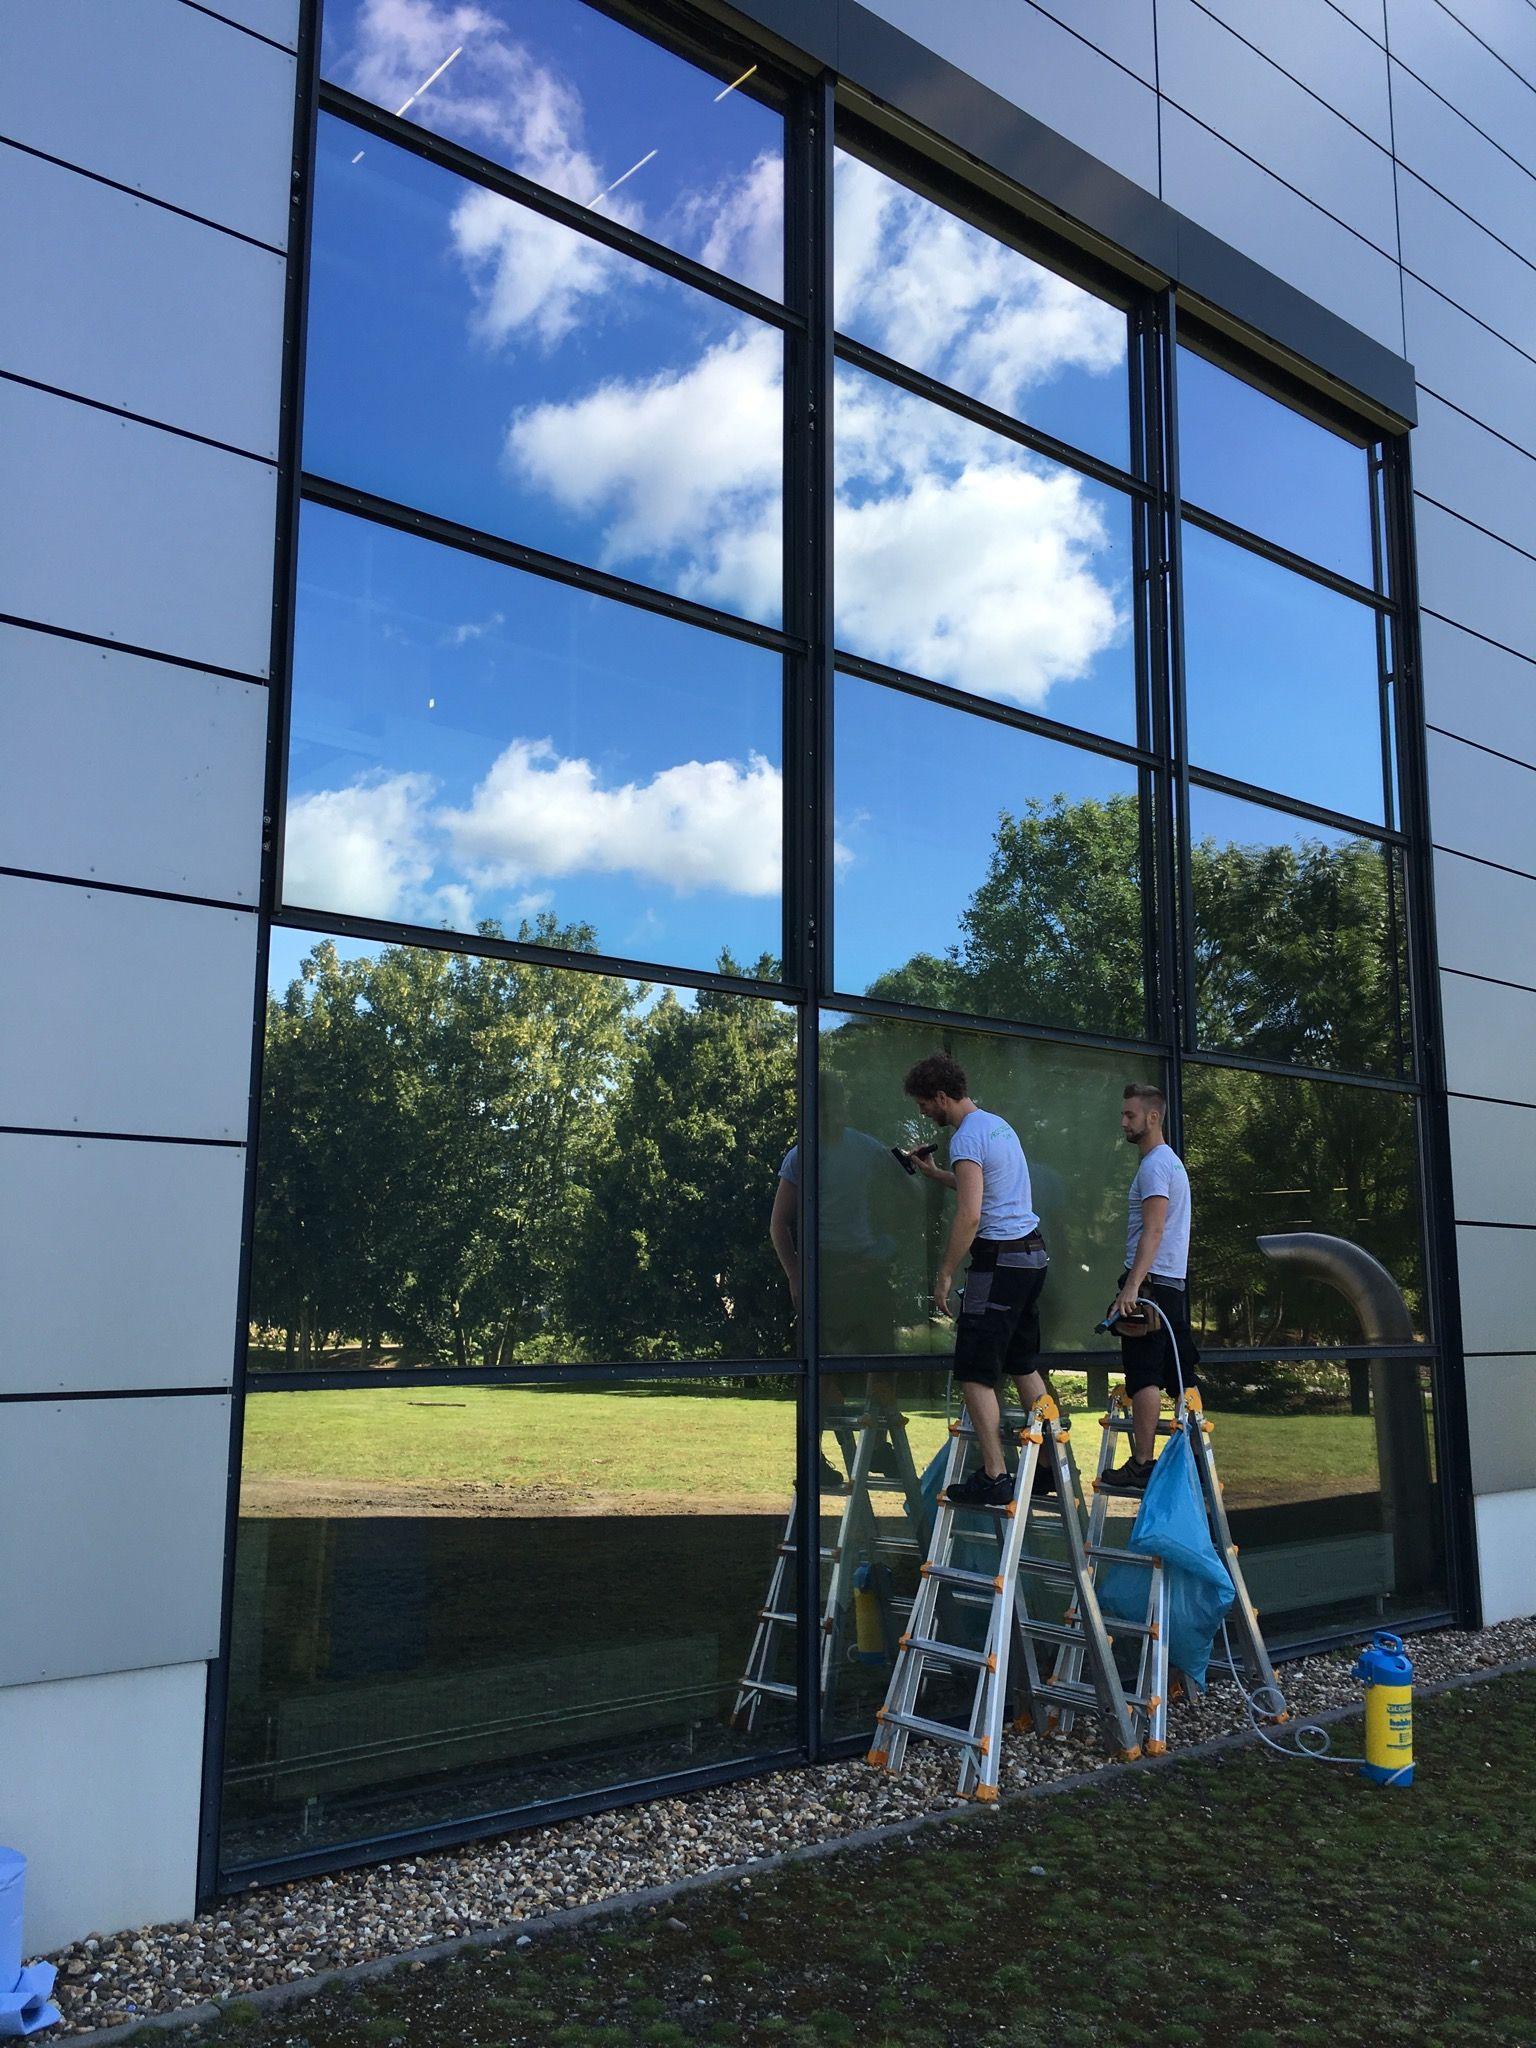 Sonnen Und Sichtschutz Mit Spiegelfolie Gewerbebetrieb Sichtschutzfolie Fenster Fensterfolie Sichtschutzfolie